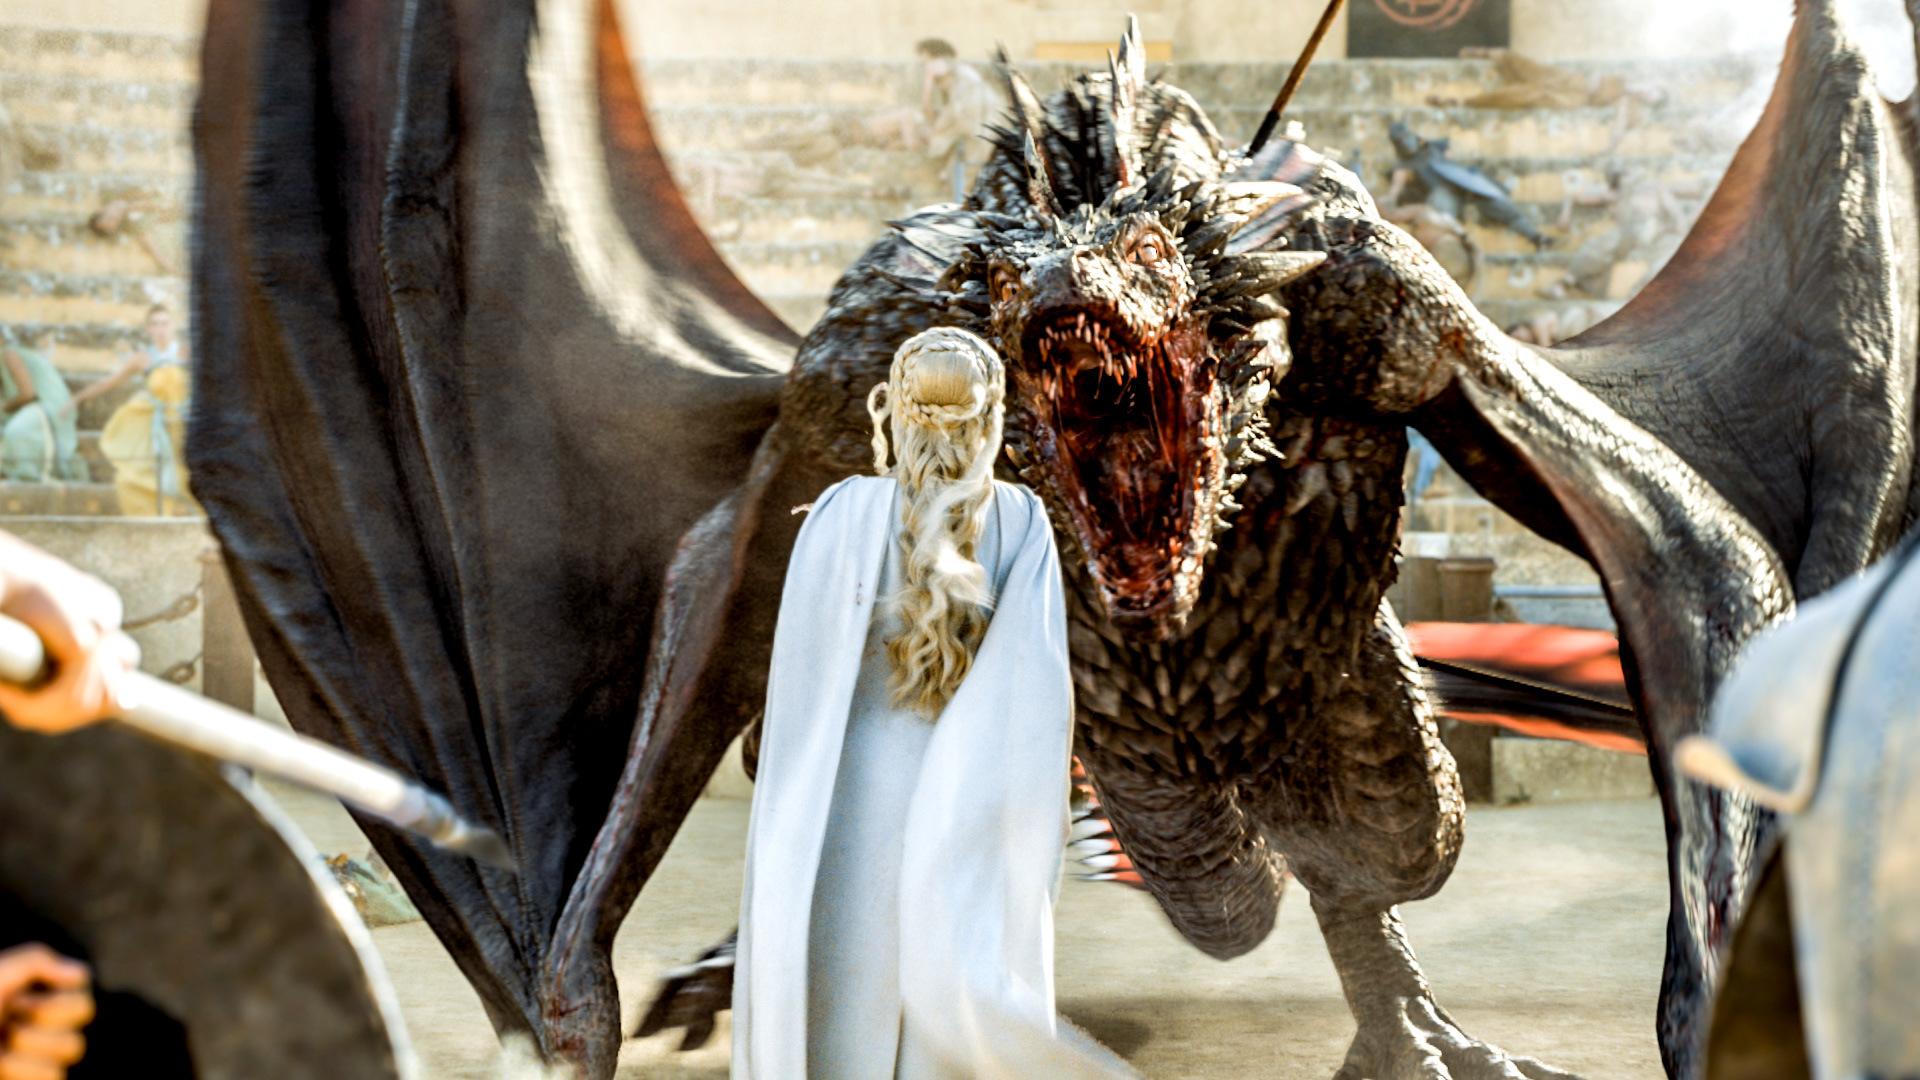 Вновом сезоне «Игры престолов» сожгут рекордное число персонажей